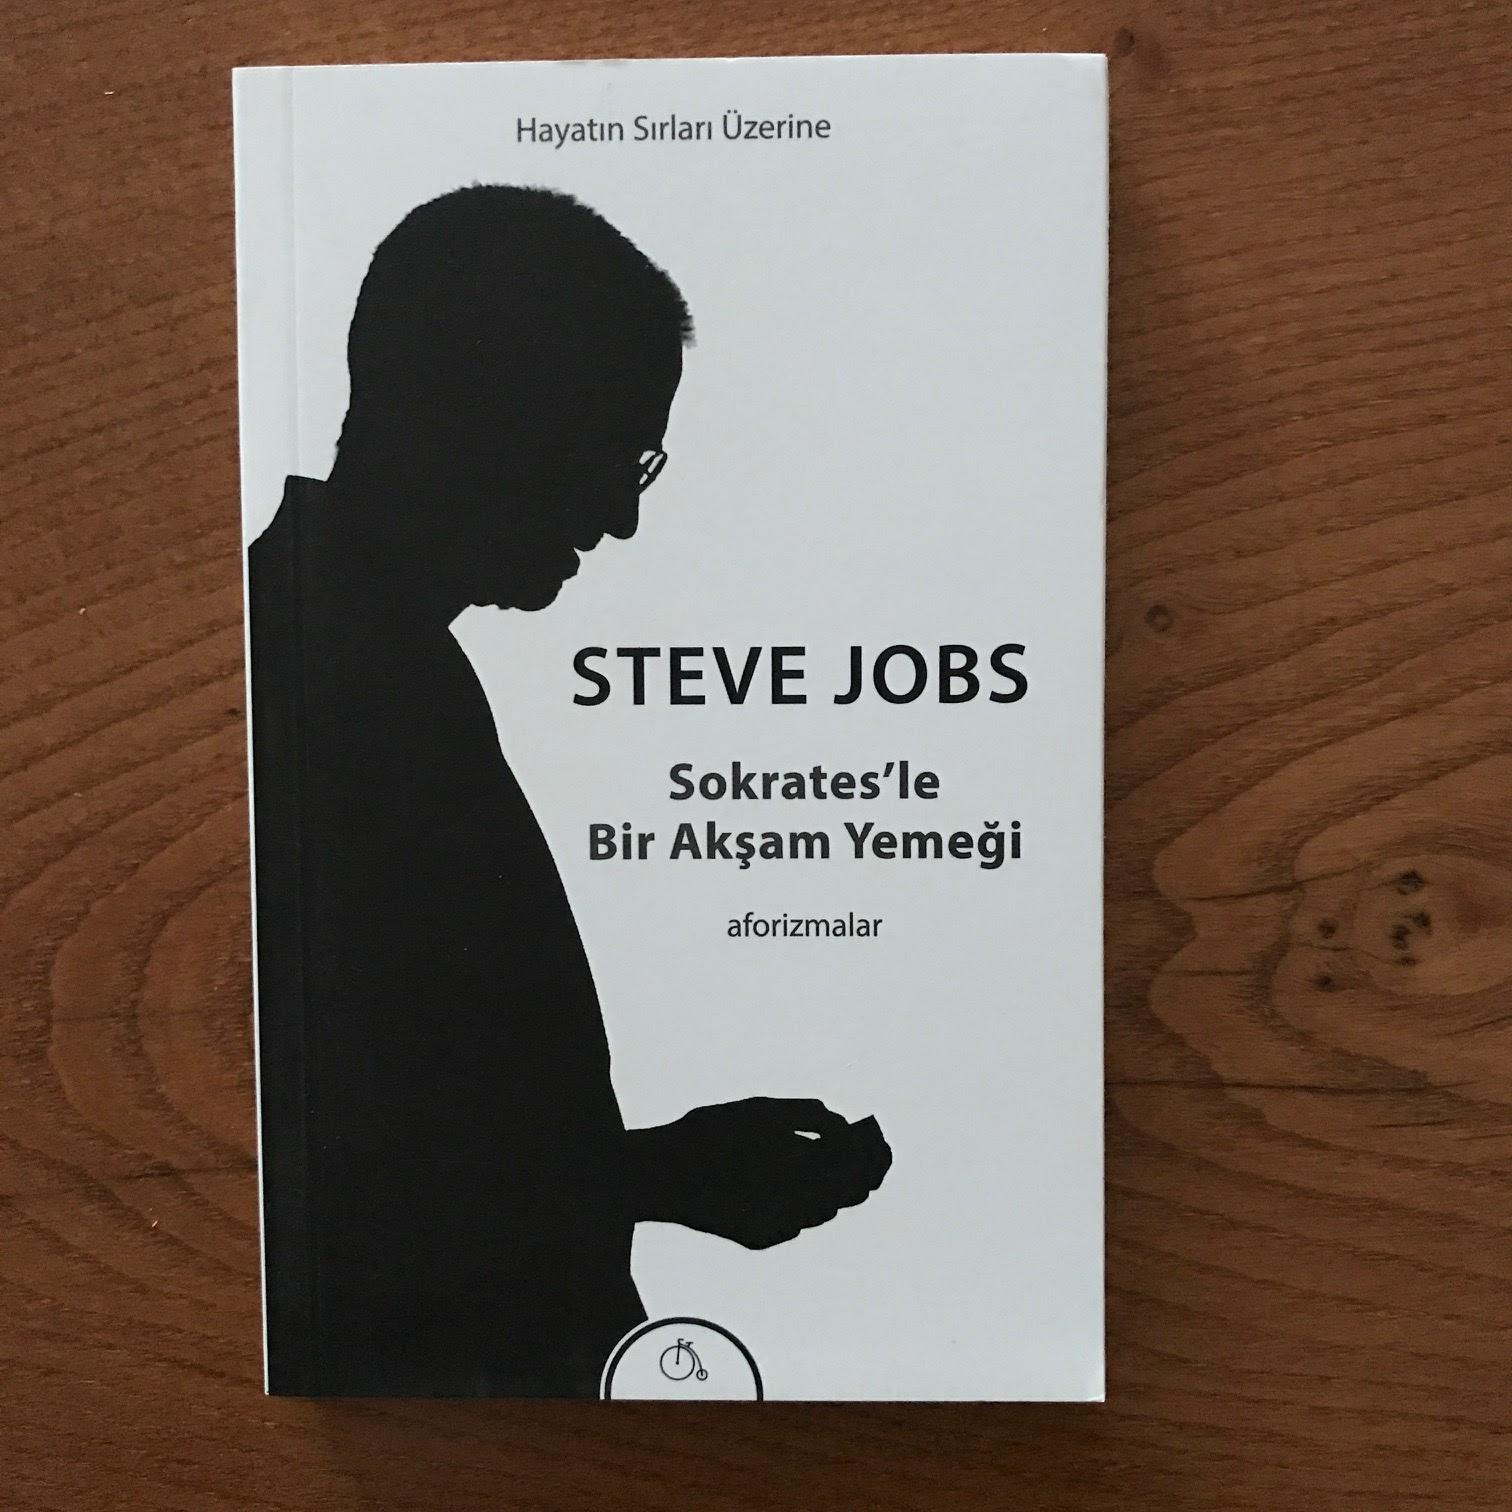 Steve Jobs - Sokrates'le Bir Aksam Yemegi